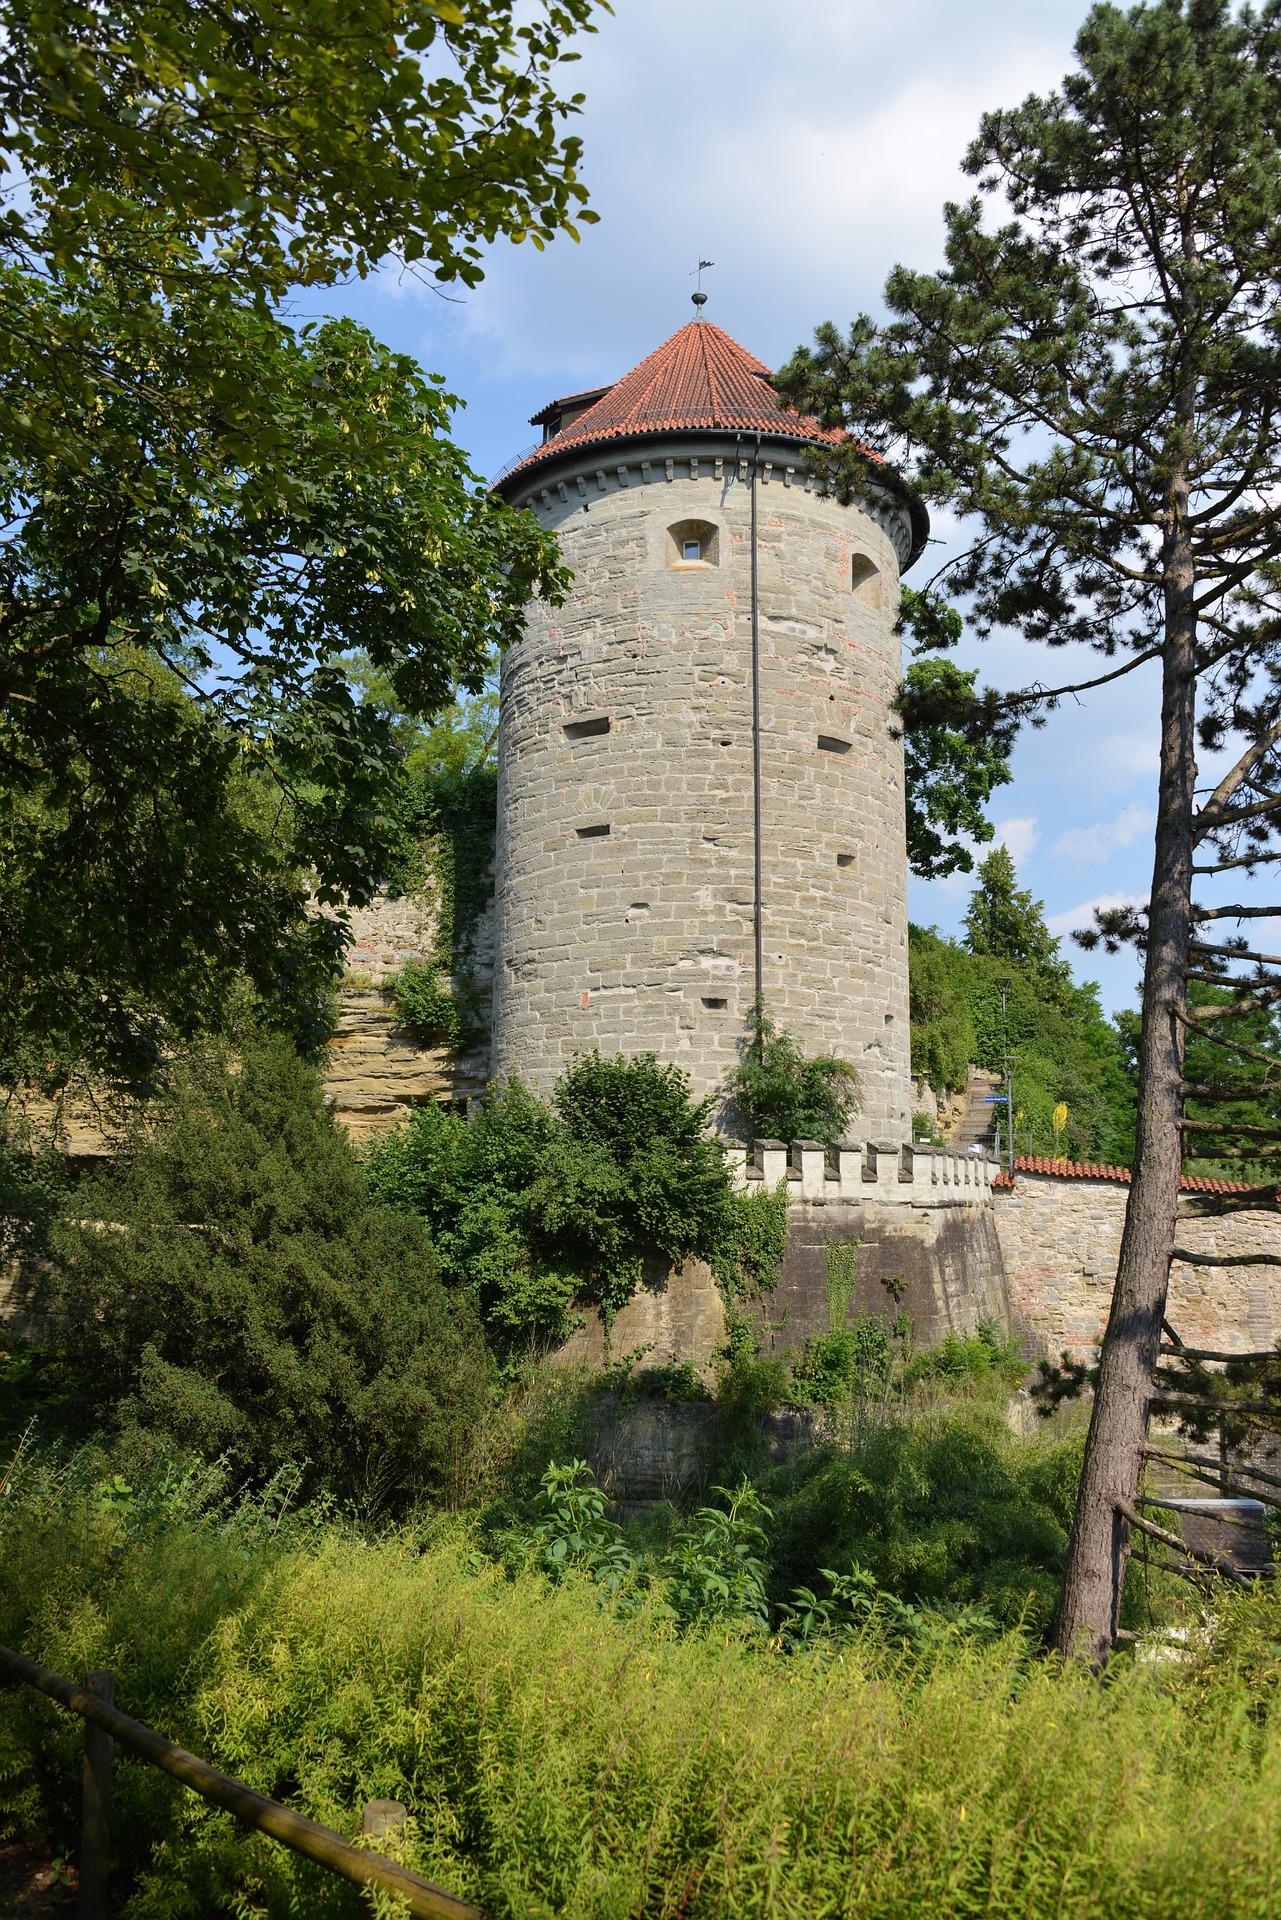 uberlingen-550491_1920.jpg